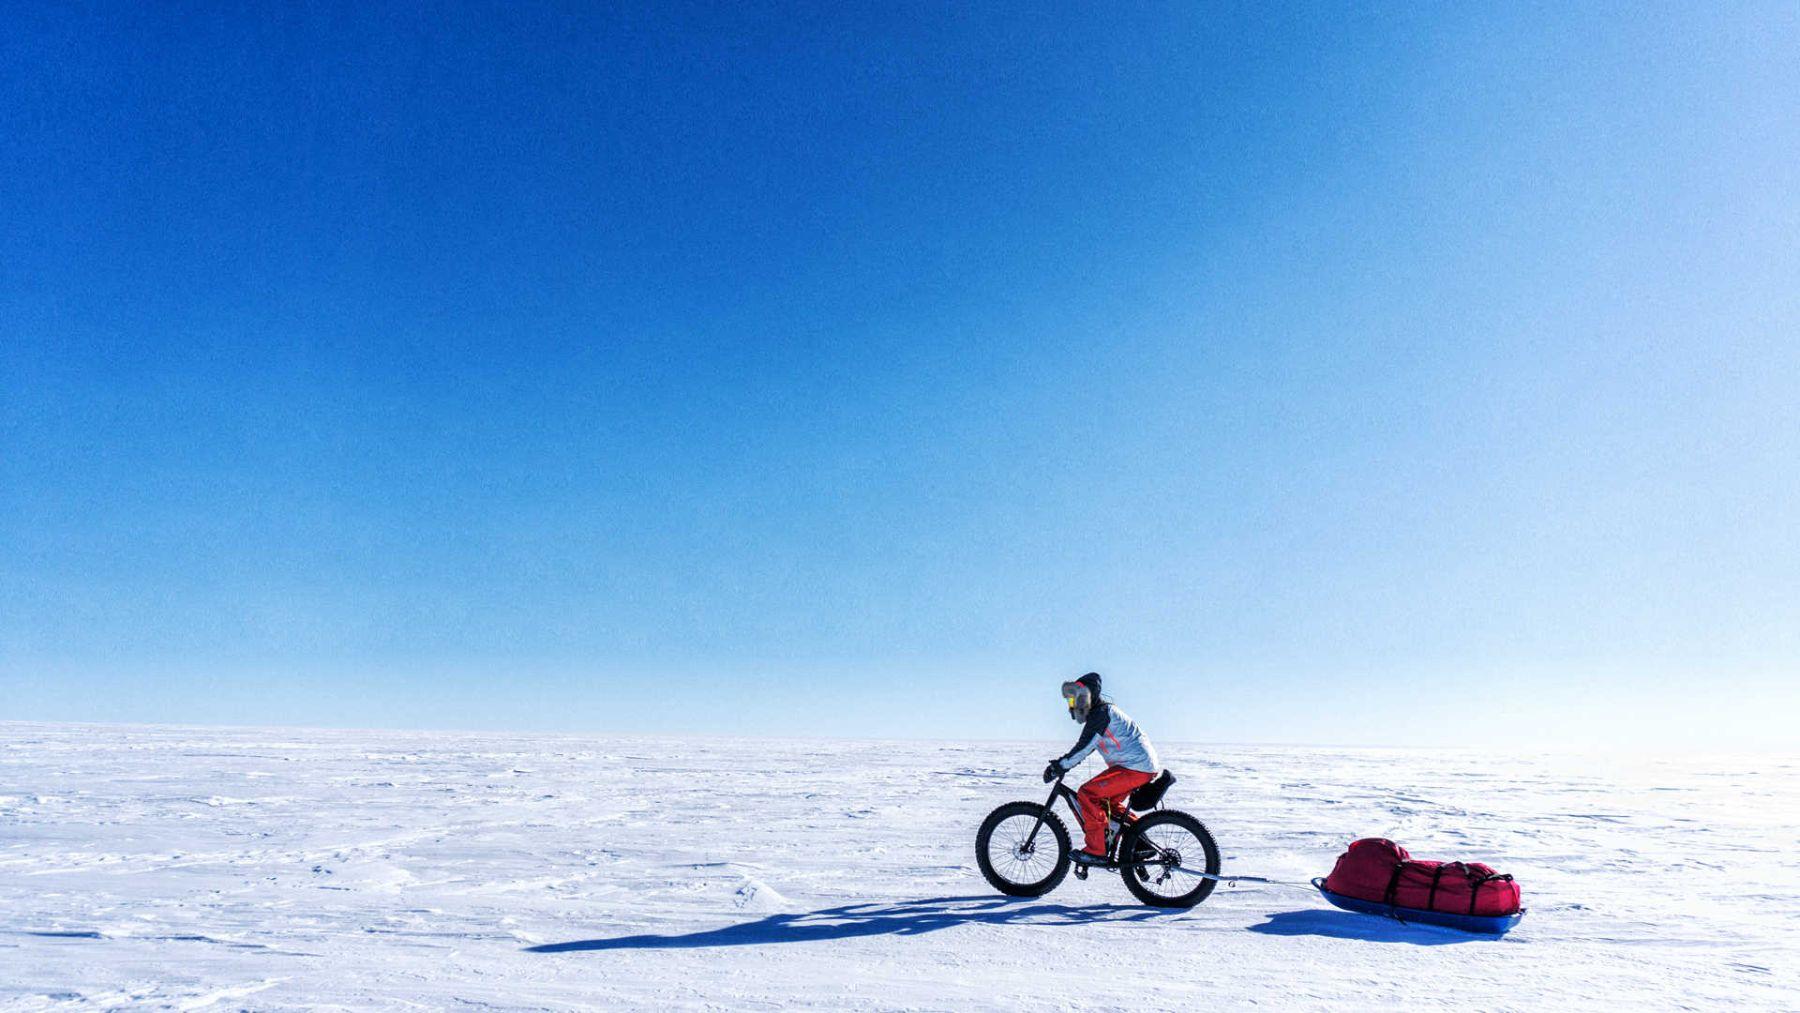 La soledad del polo sur